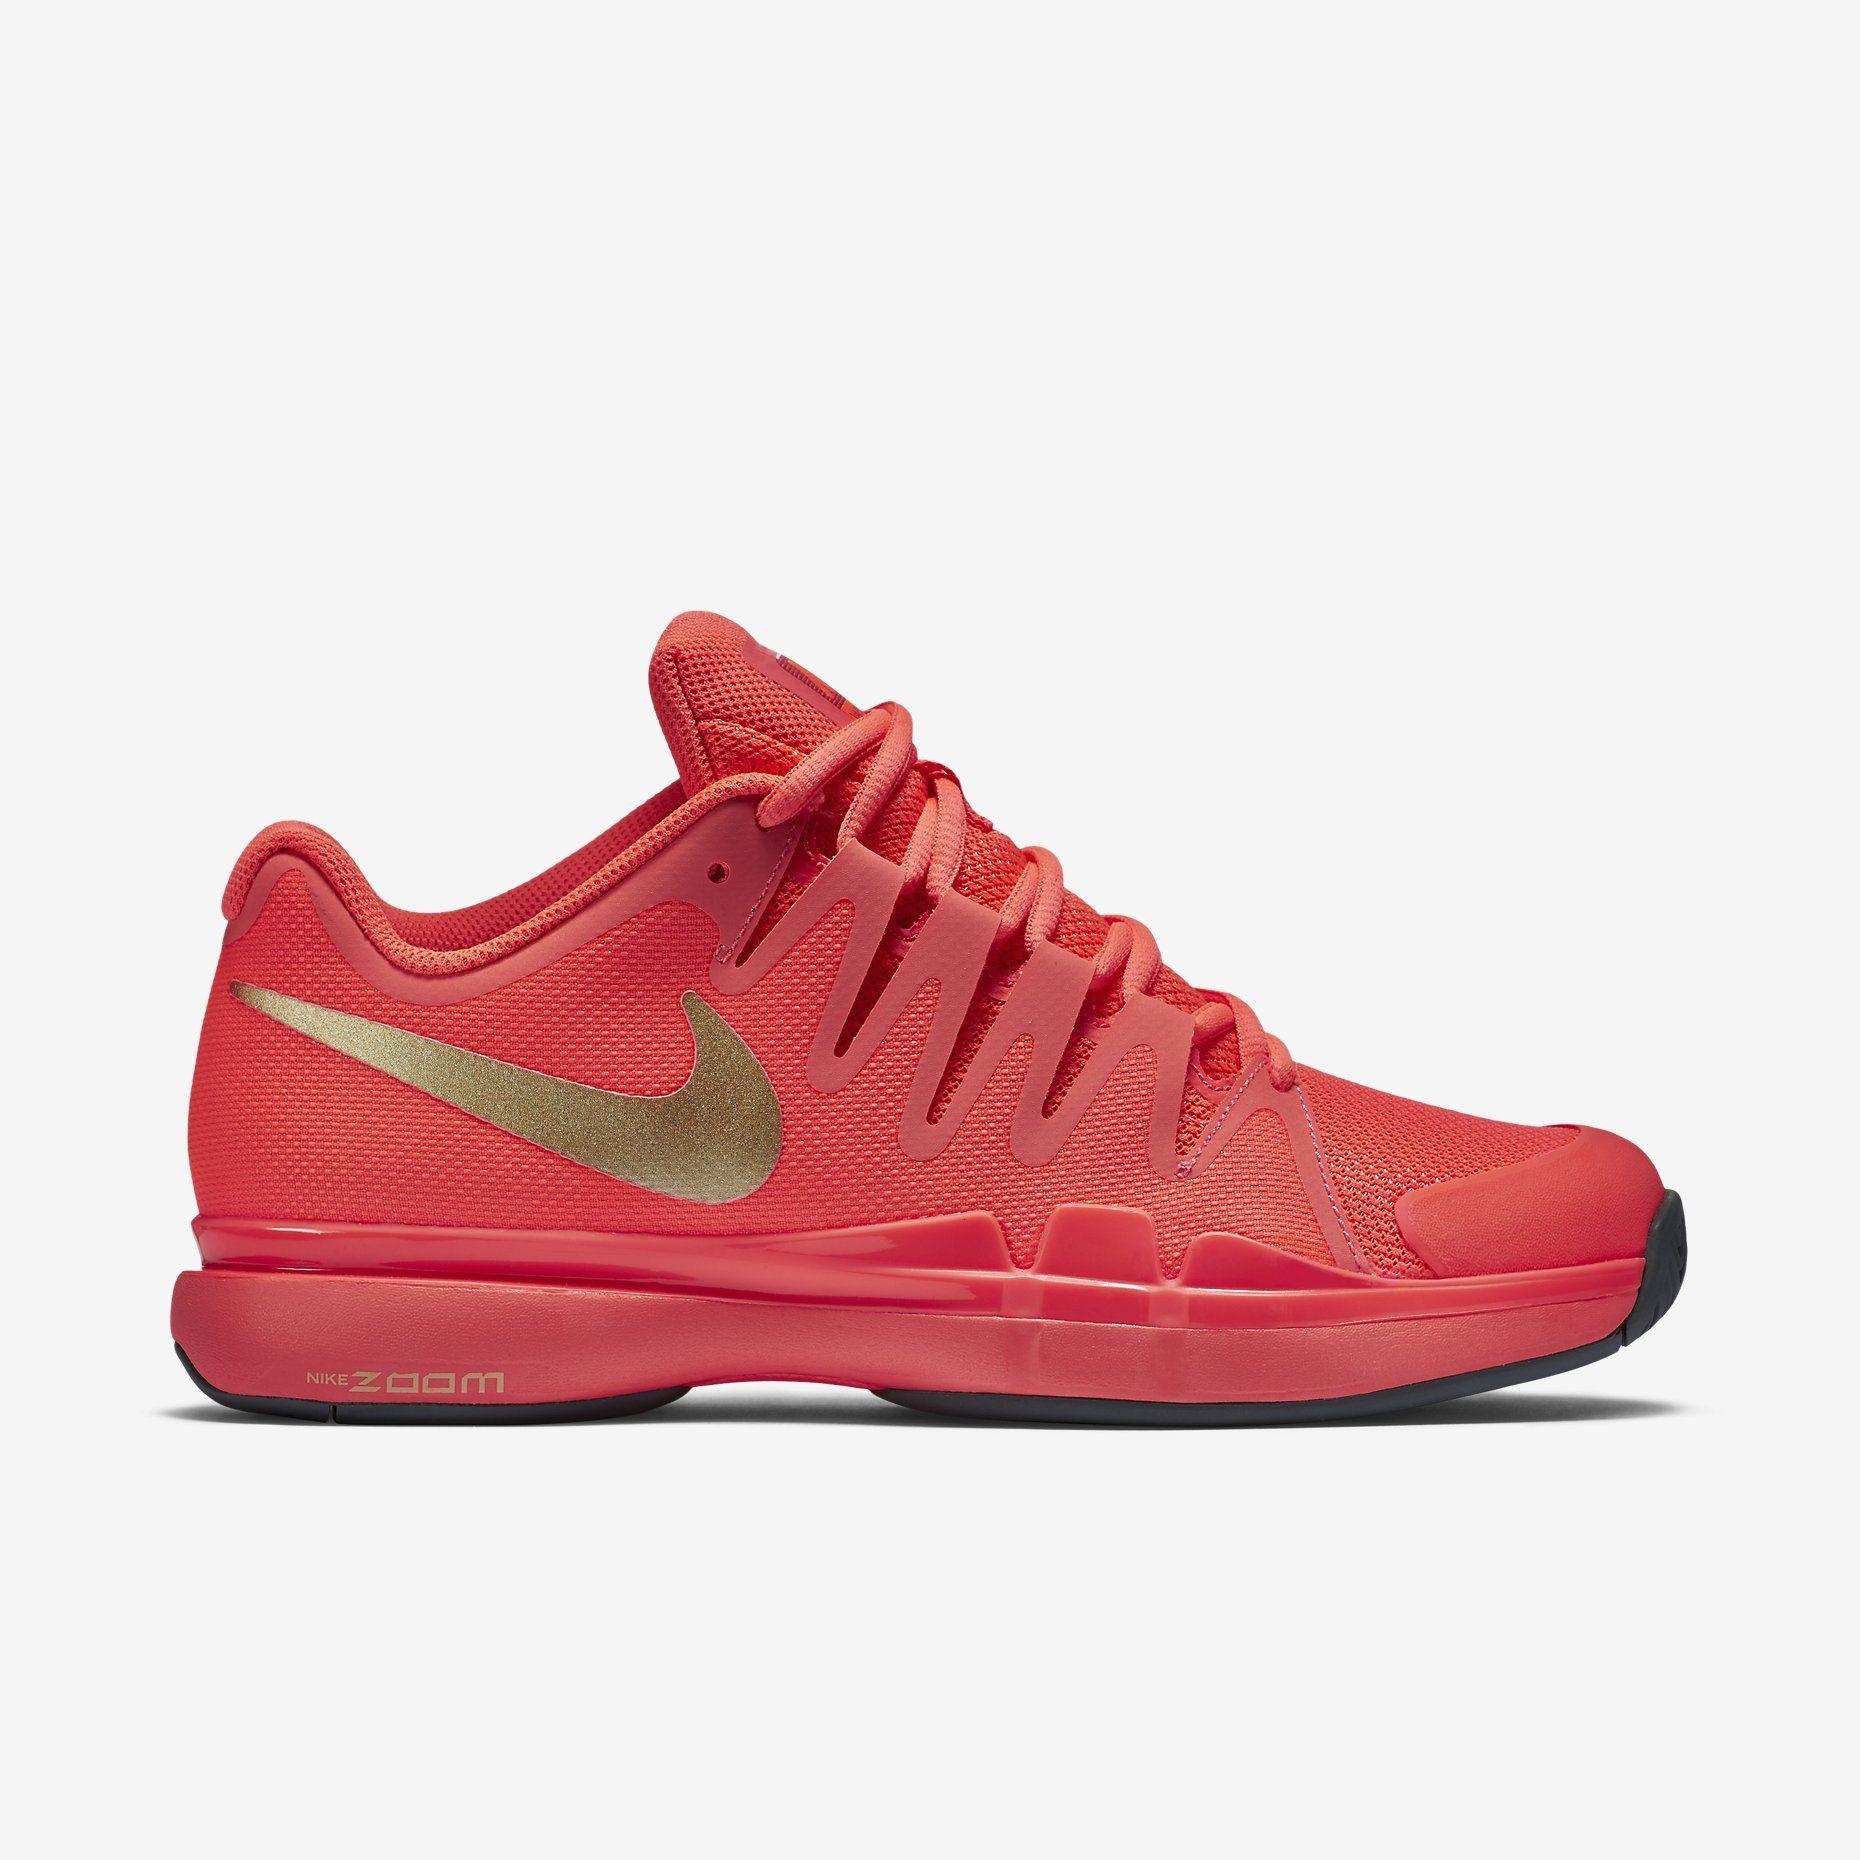 Nike Zoom Vapor 9.5 Tour Women' Tennis Shoe